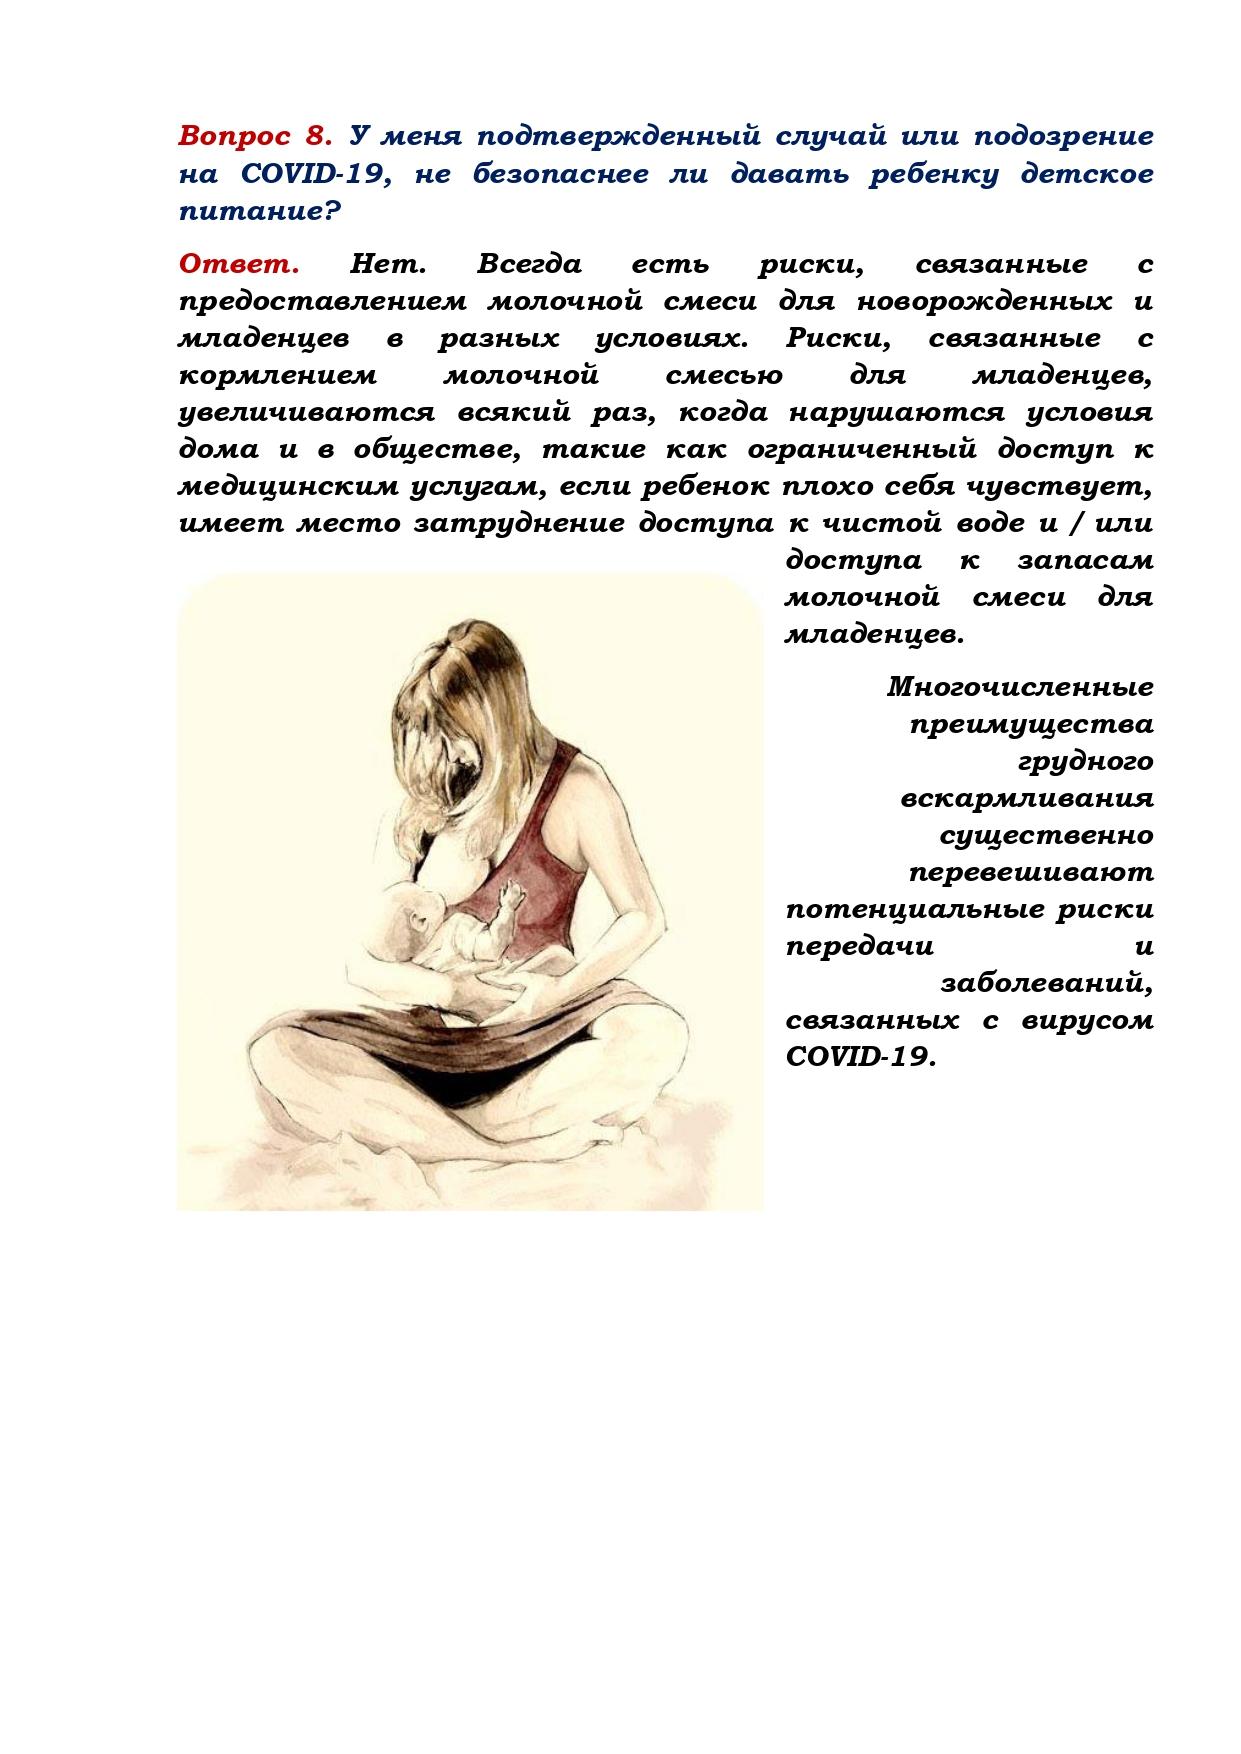 Памятка-Вопросы-и-ответы-Груднок-вскармливание-и-Covid-19_page-0004